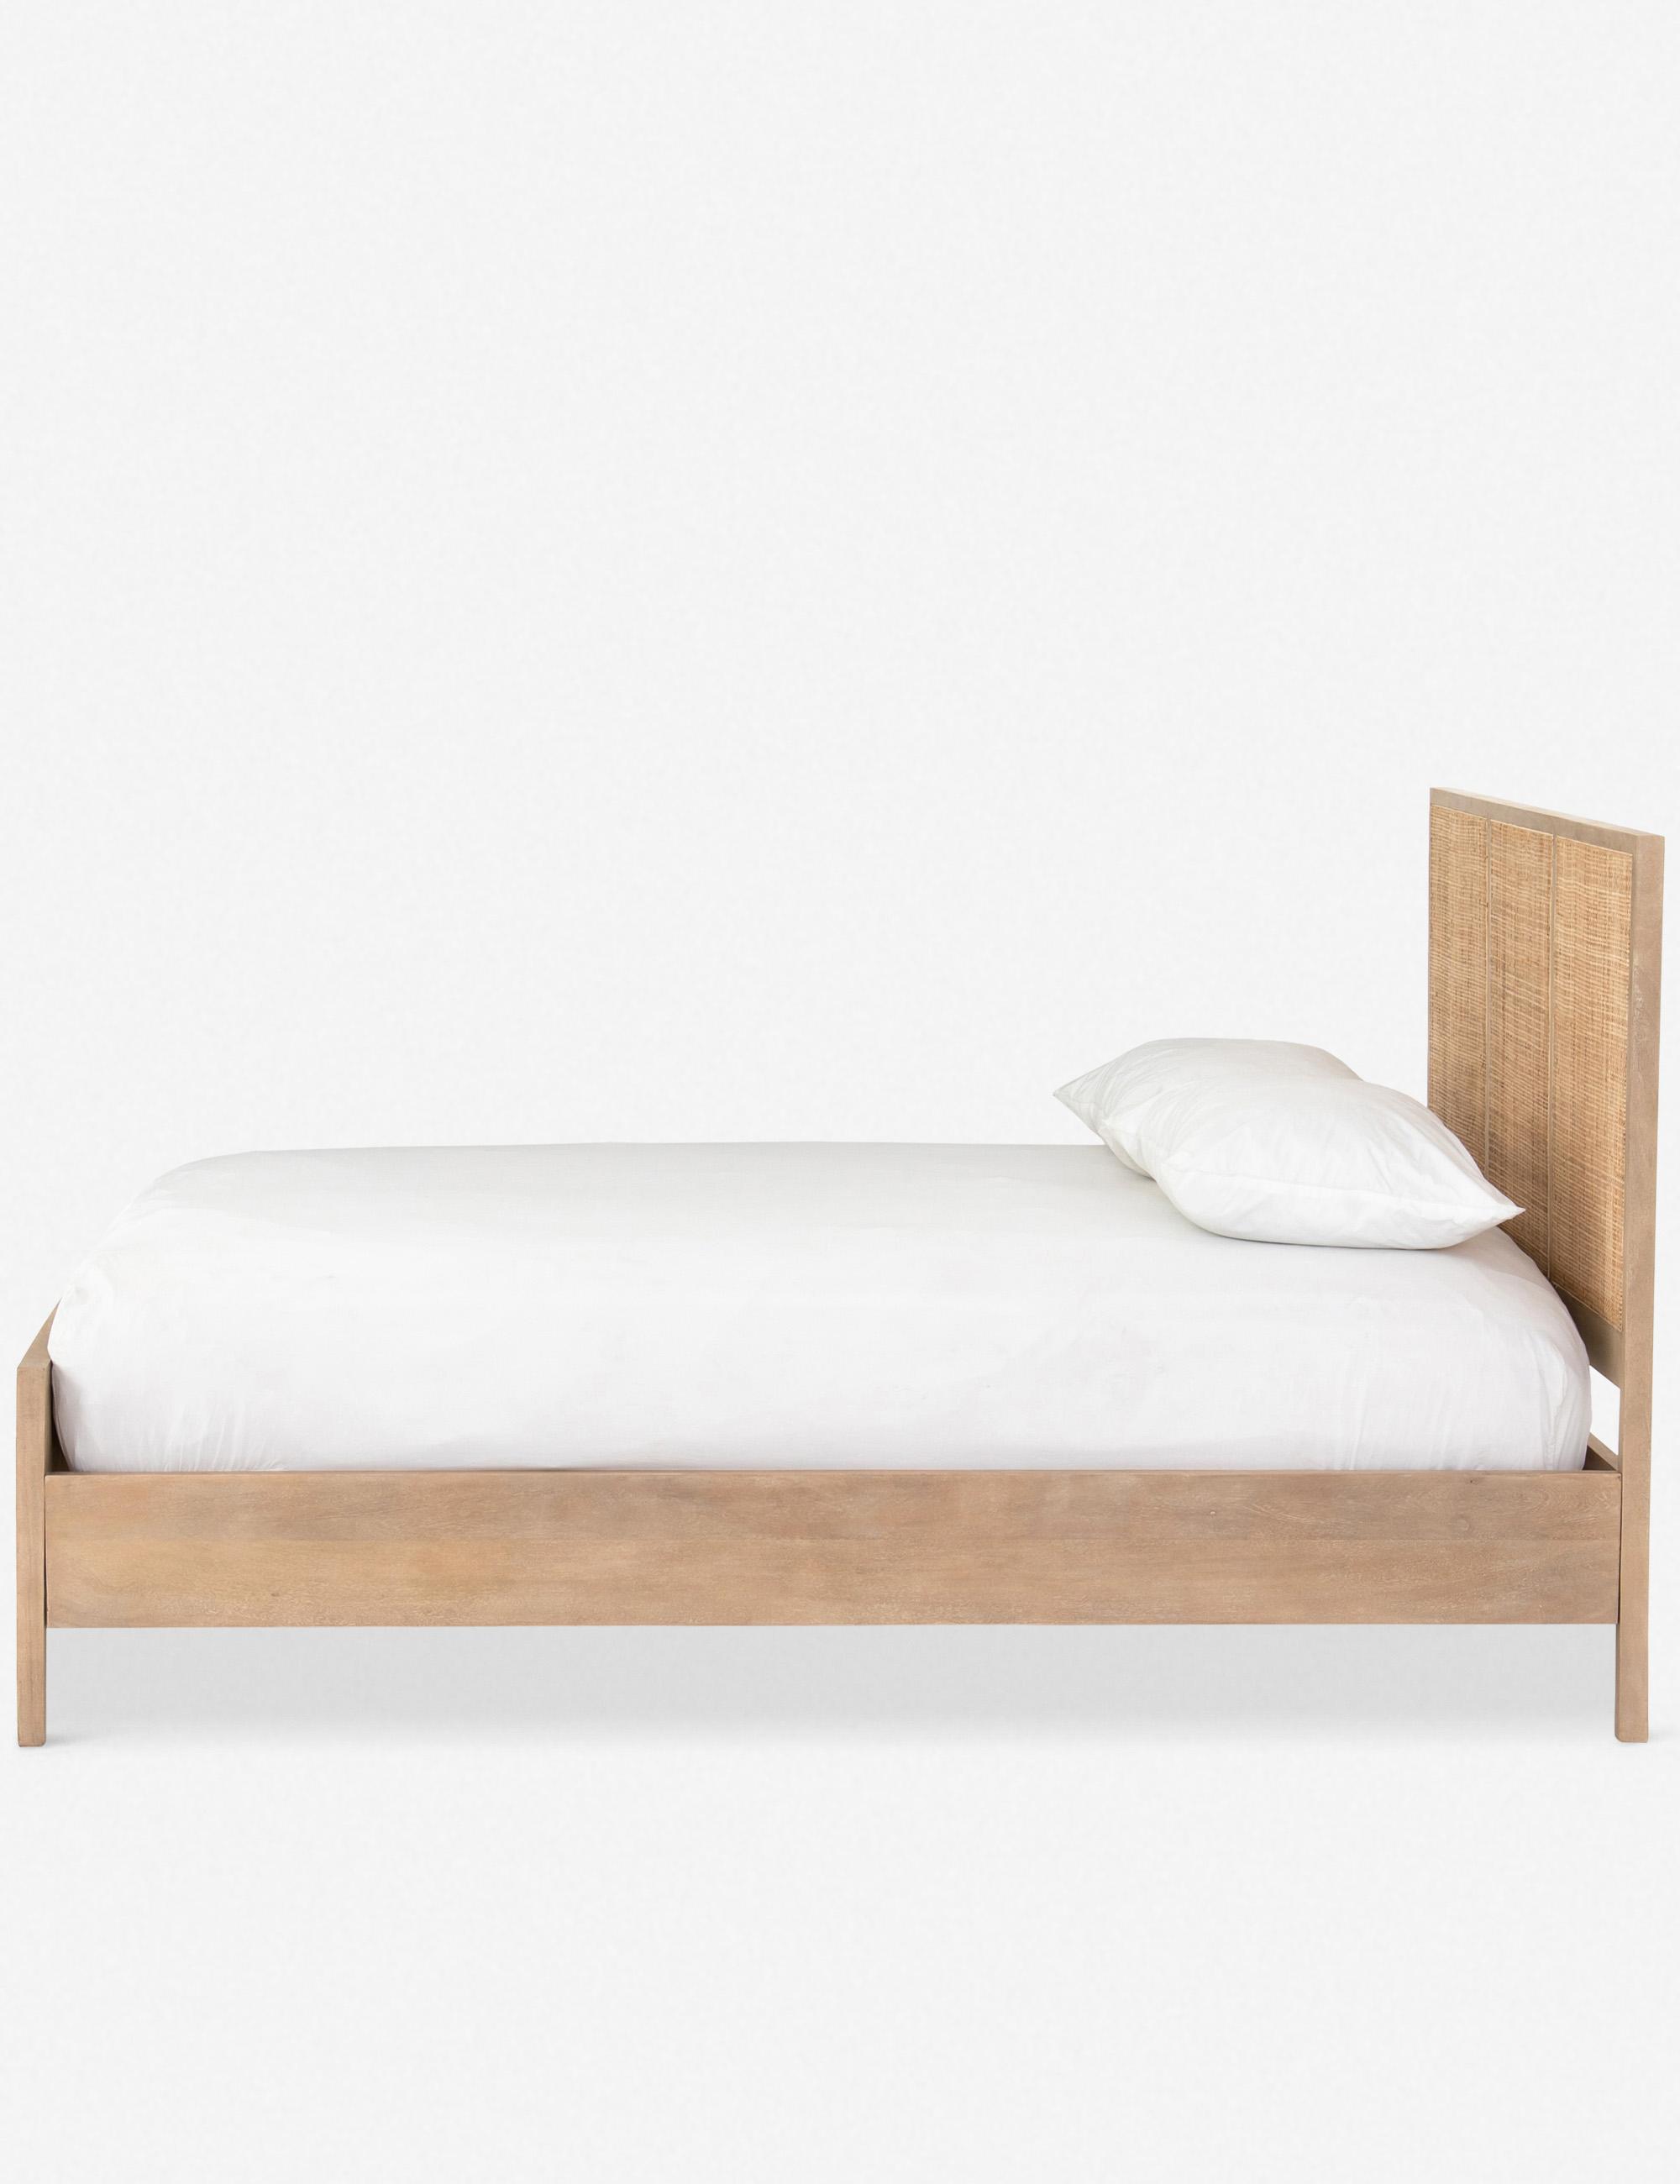 HANNAH PLATFORM BED, NATURAL